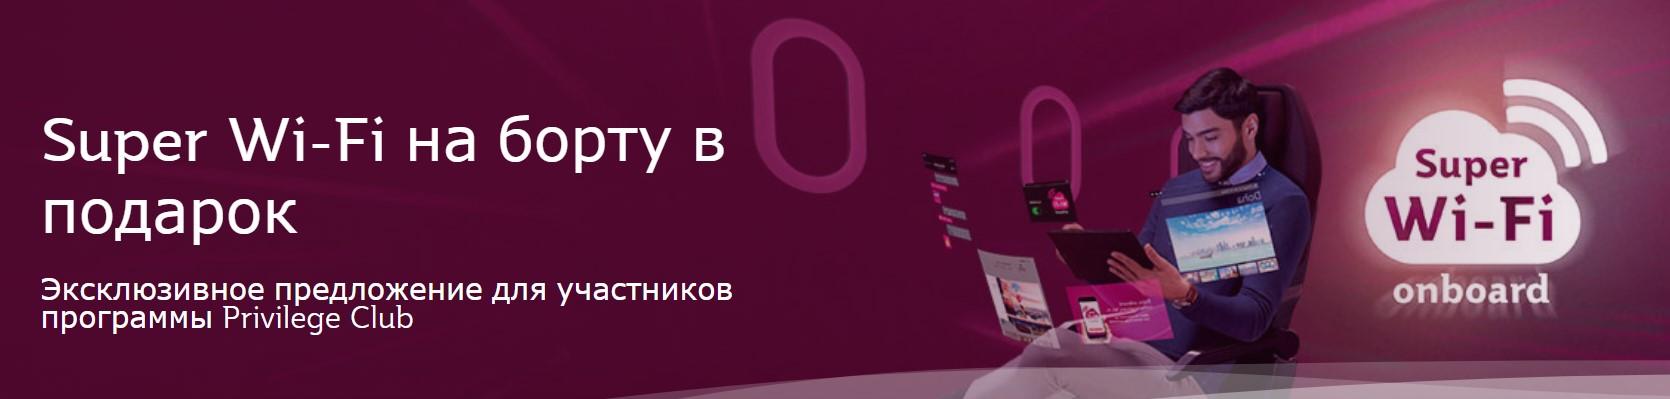 Бесплатный WiFi на рейсах Qatar Airways